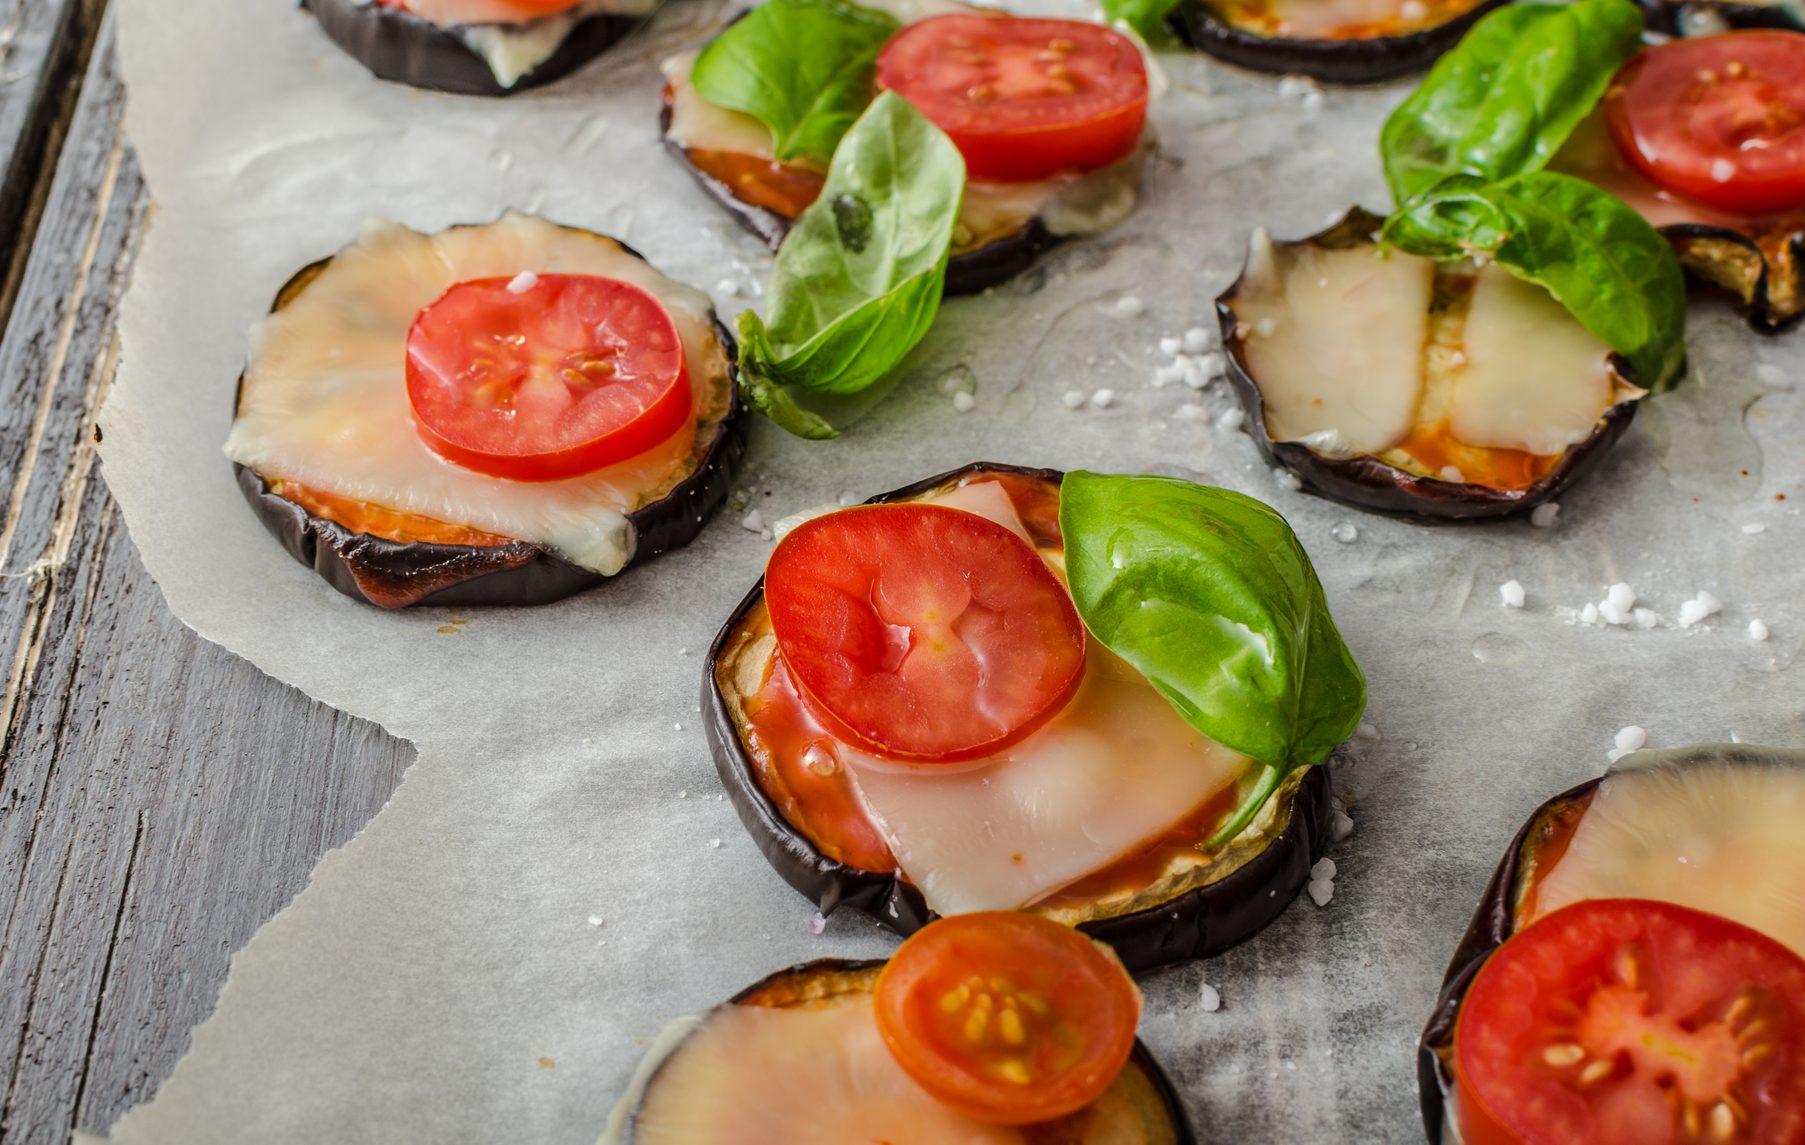 Mini pizza de berinjela é opção leve e prática para o jantar